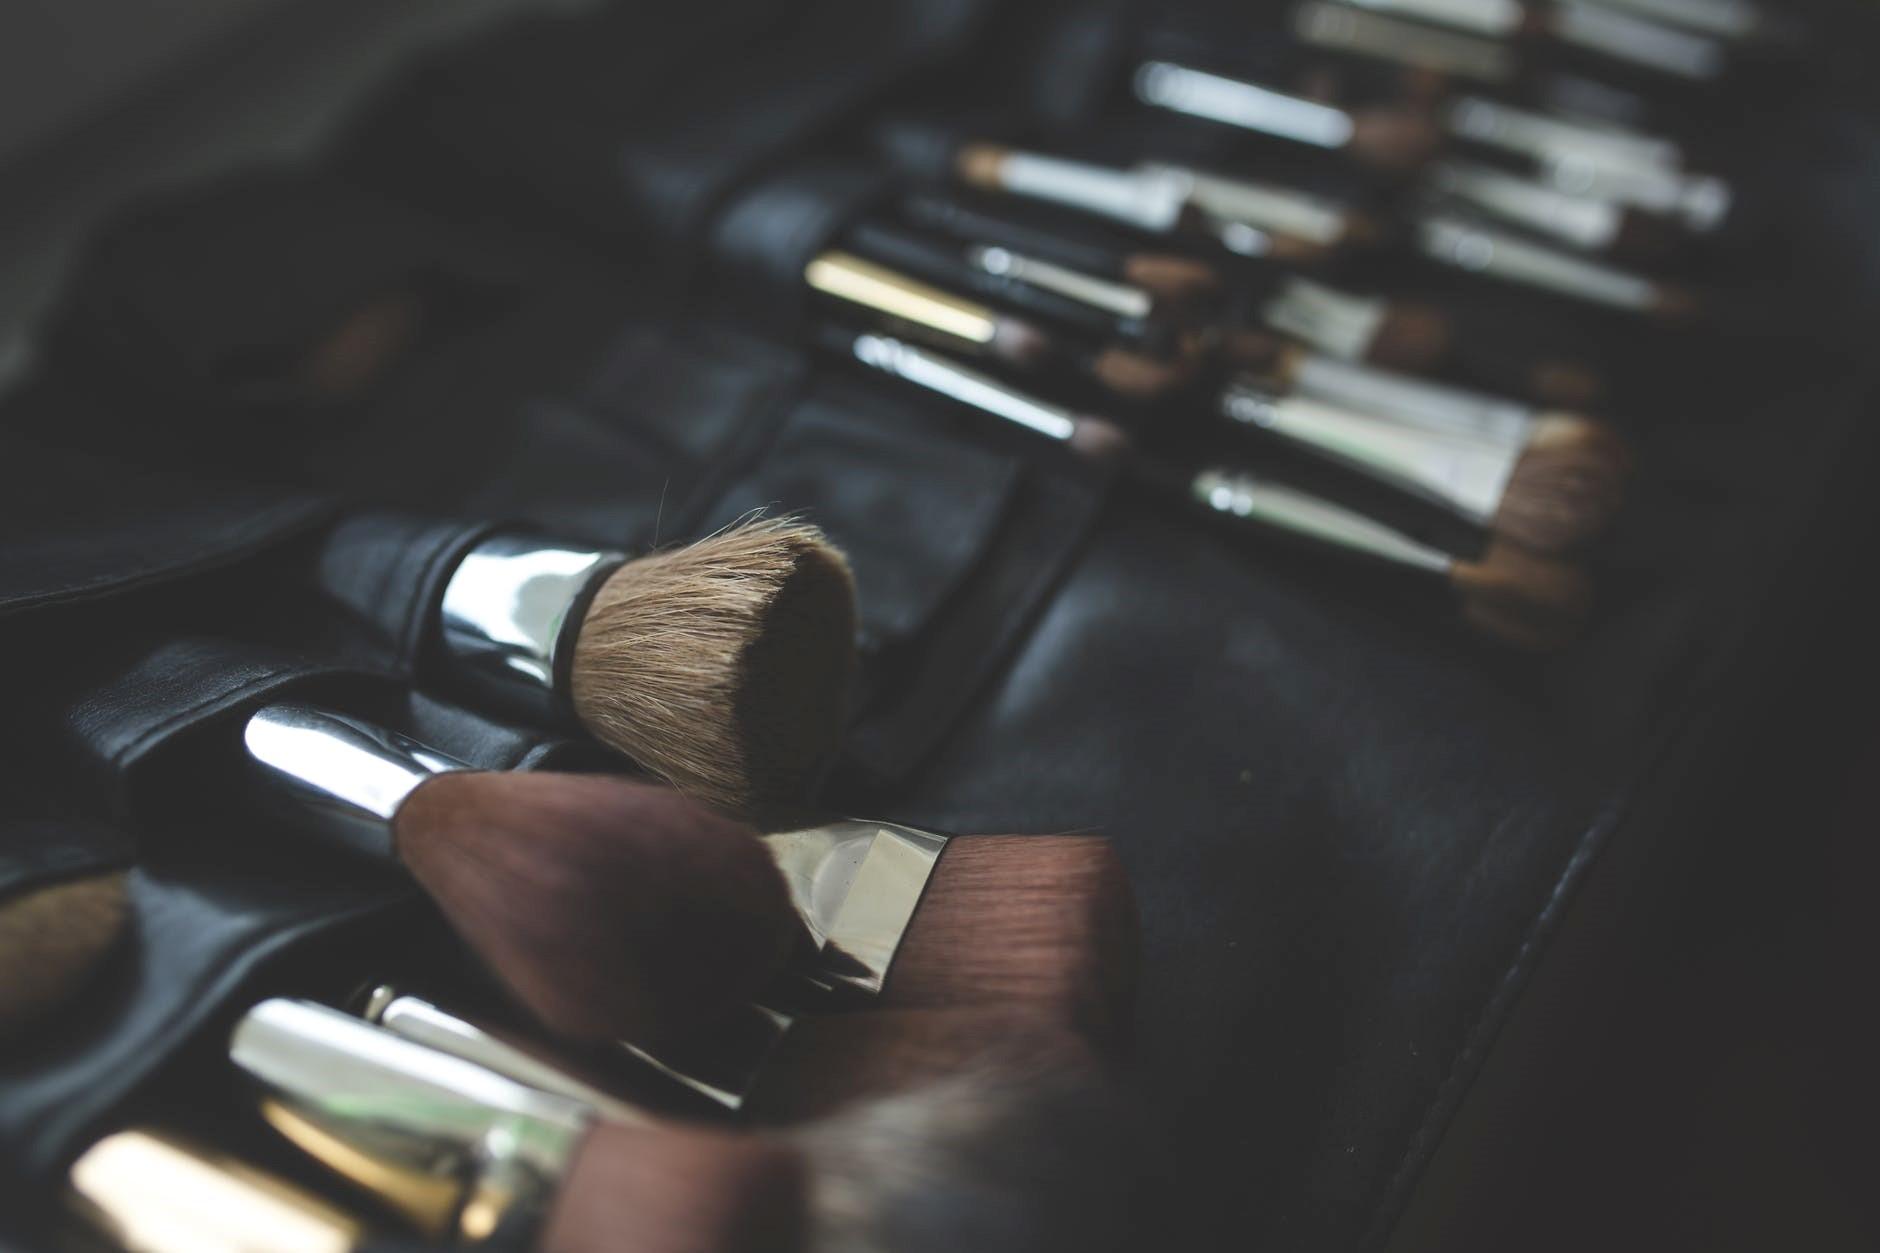 ¿Cómo limpiar las brochas de maquillaje? [Consejos]